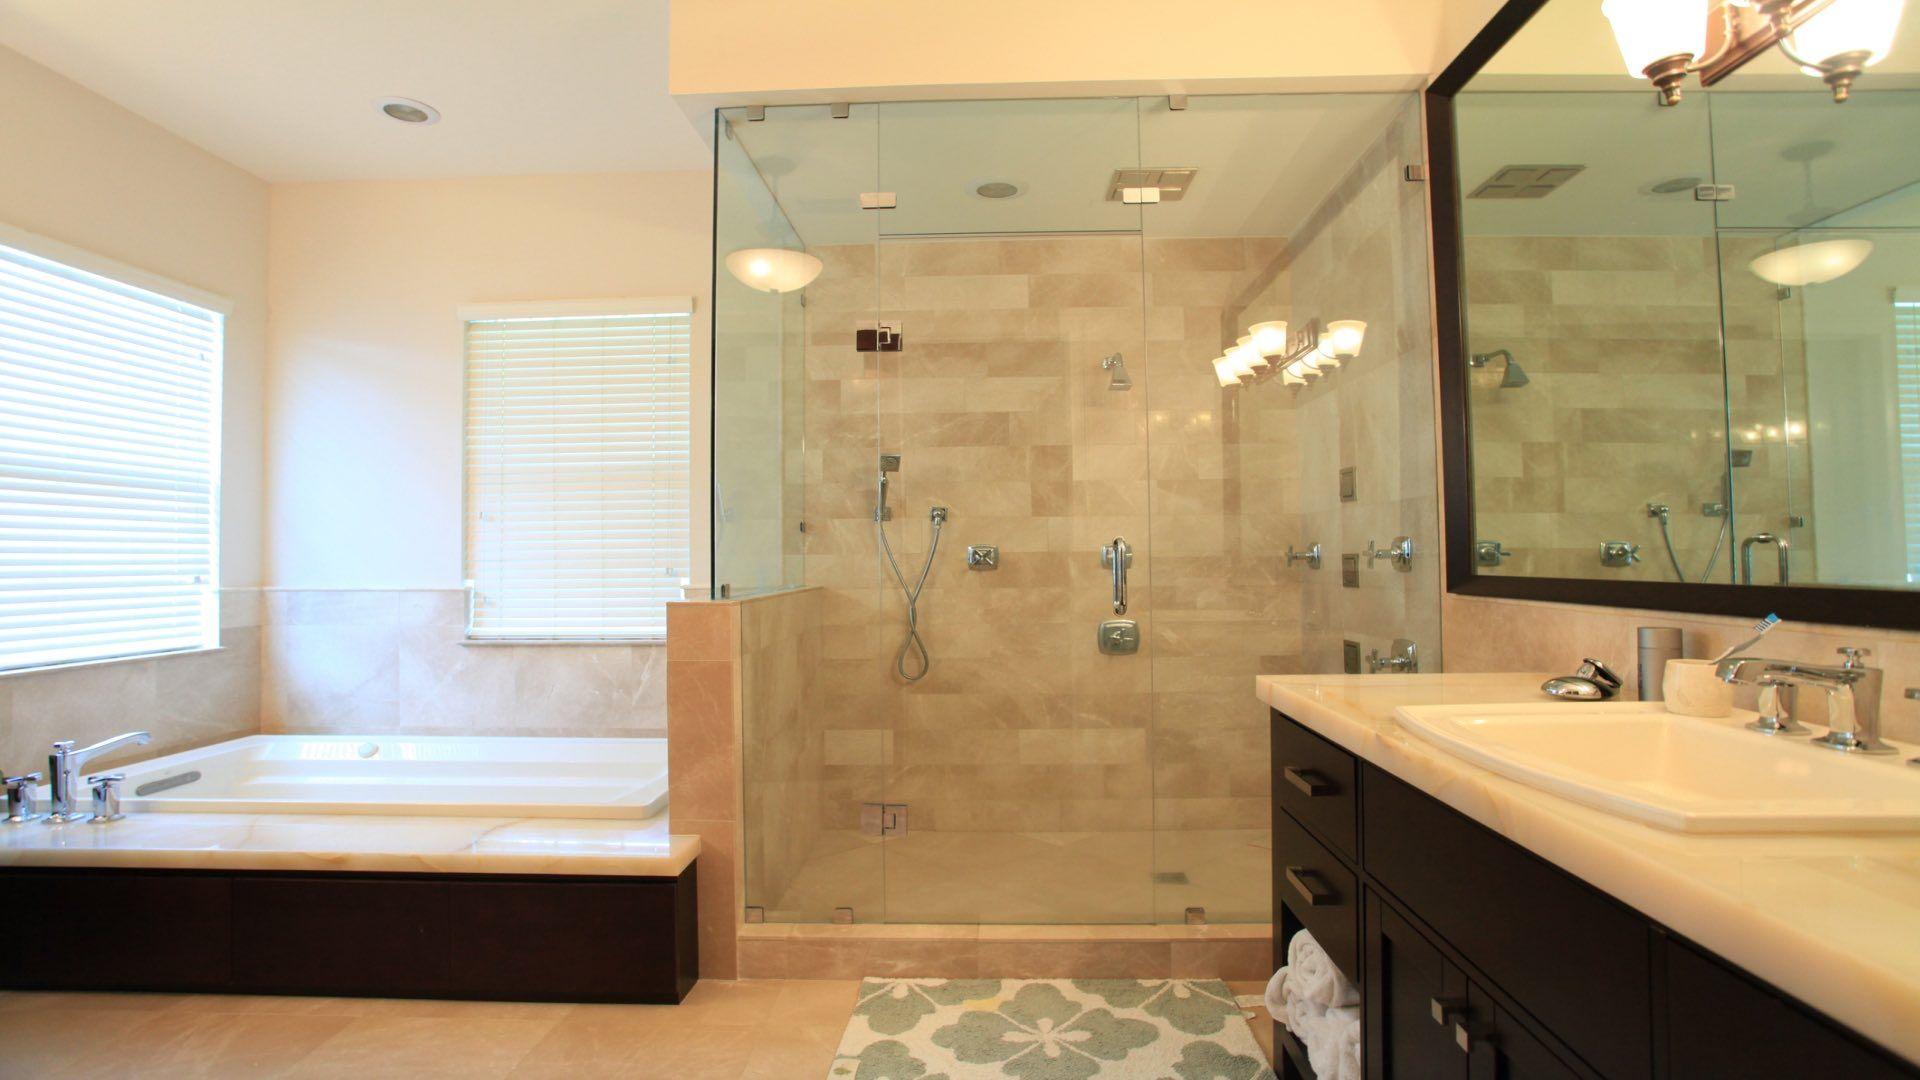 Top Bathroom Remodeling Contractors Naples Florida Bathroom Renovation Cost Small Bathroom Remodel Cost Shower Remodel [ 1080 x 1920 Pixel ]